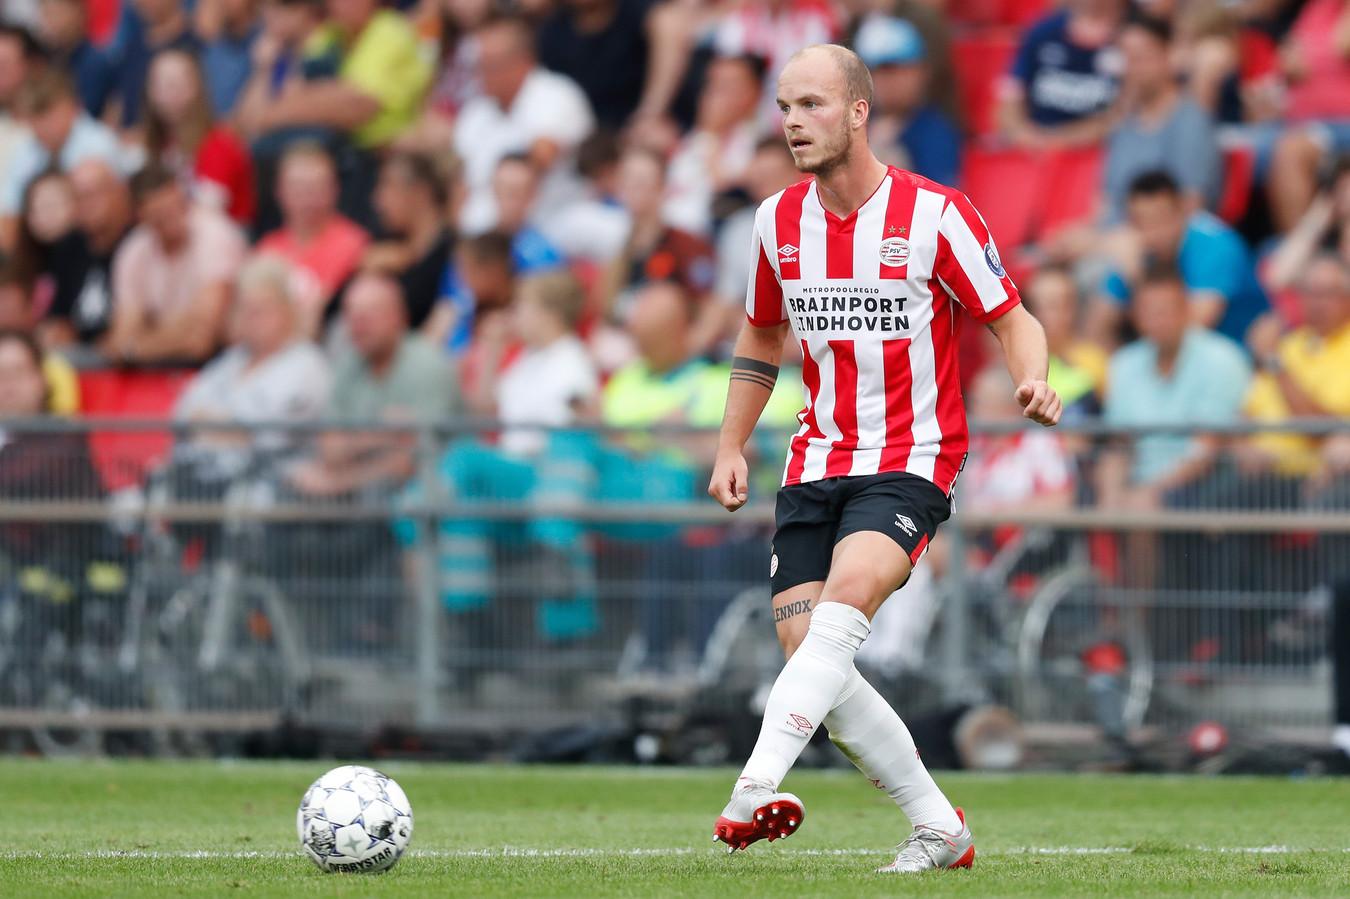 Mogelijk kiest Mark van Bommel tegen Vitesse weer voor Jorrit Hendrix